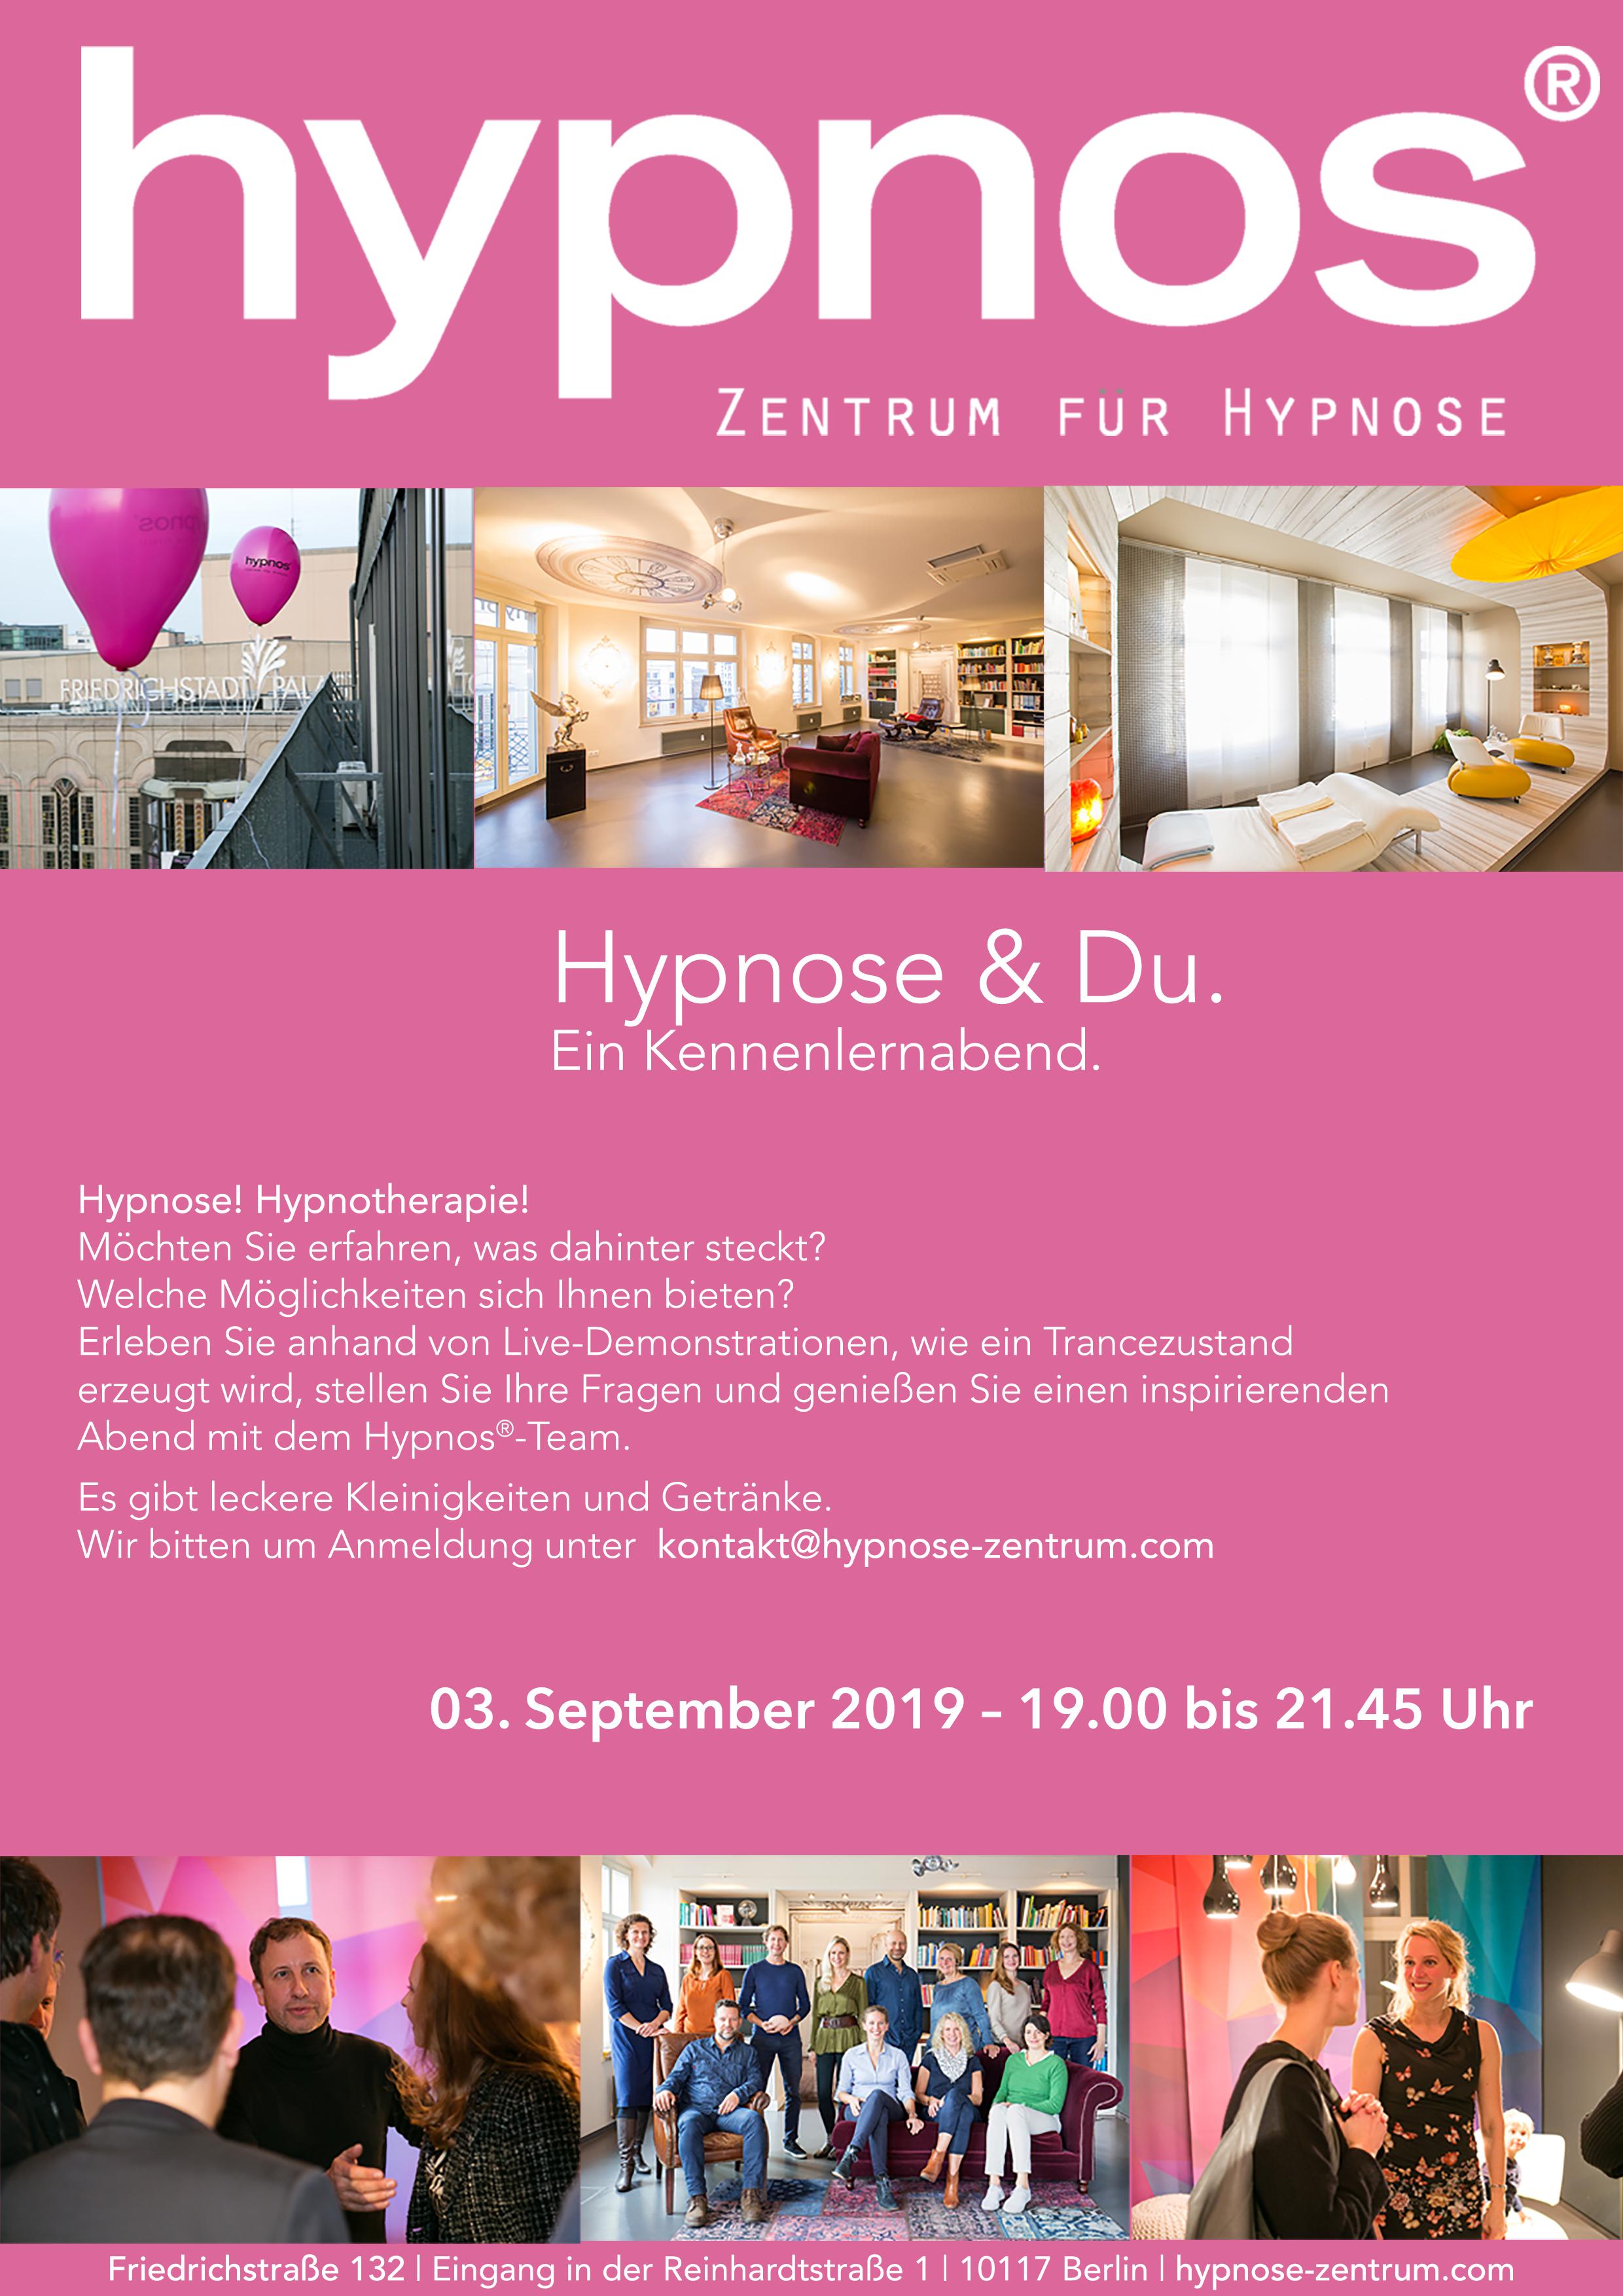 Einladung Kennenlernabend 03.09.19 Hypnos